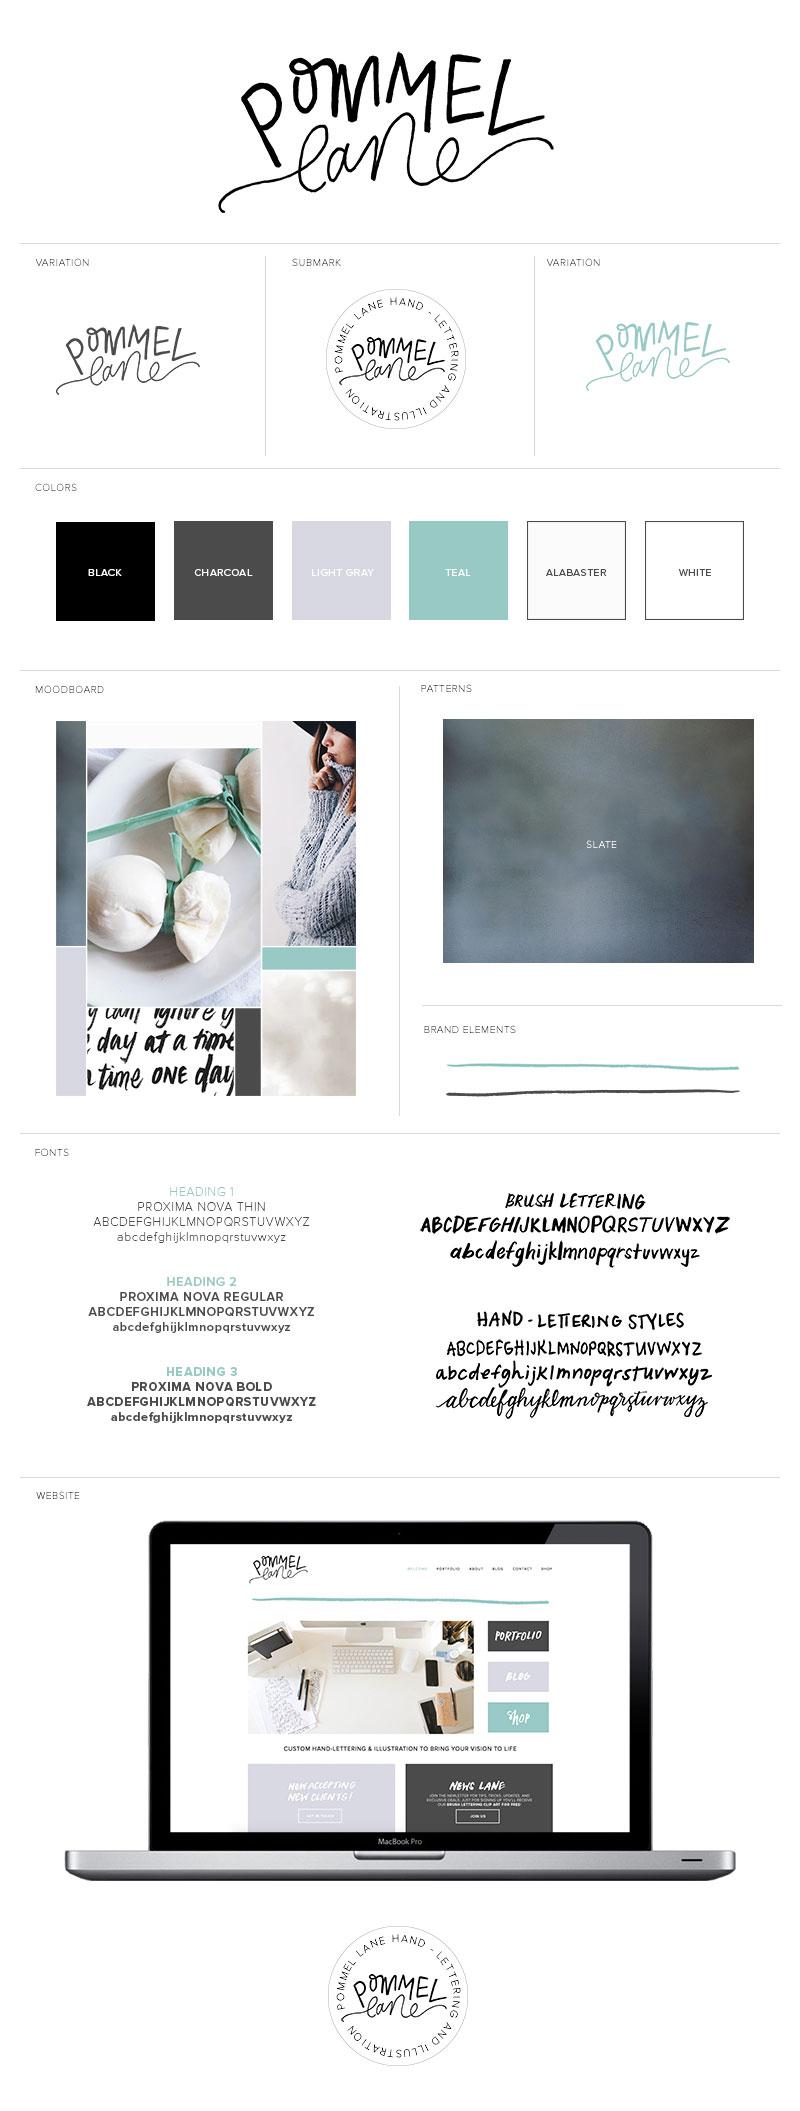 Pommel Lane Branding  |  Handlettering, Illustration and Design Studio  |  Branding by Pommel Lane